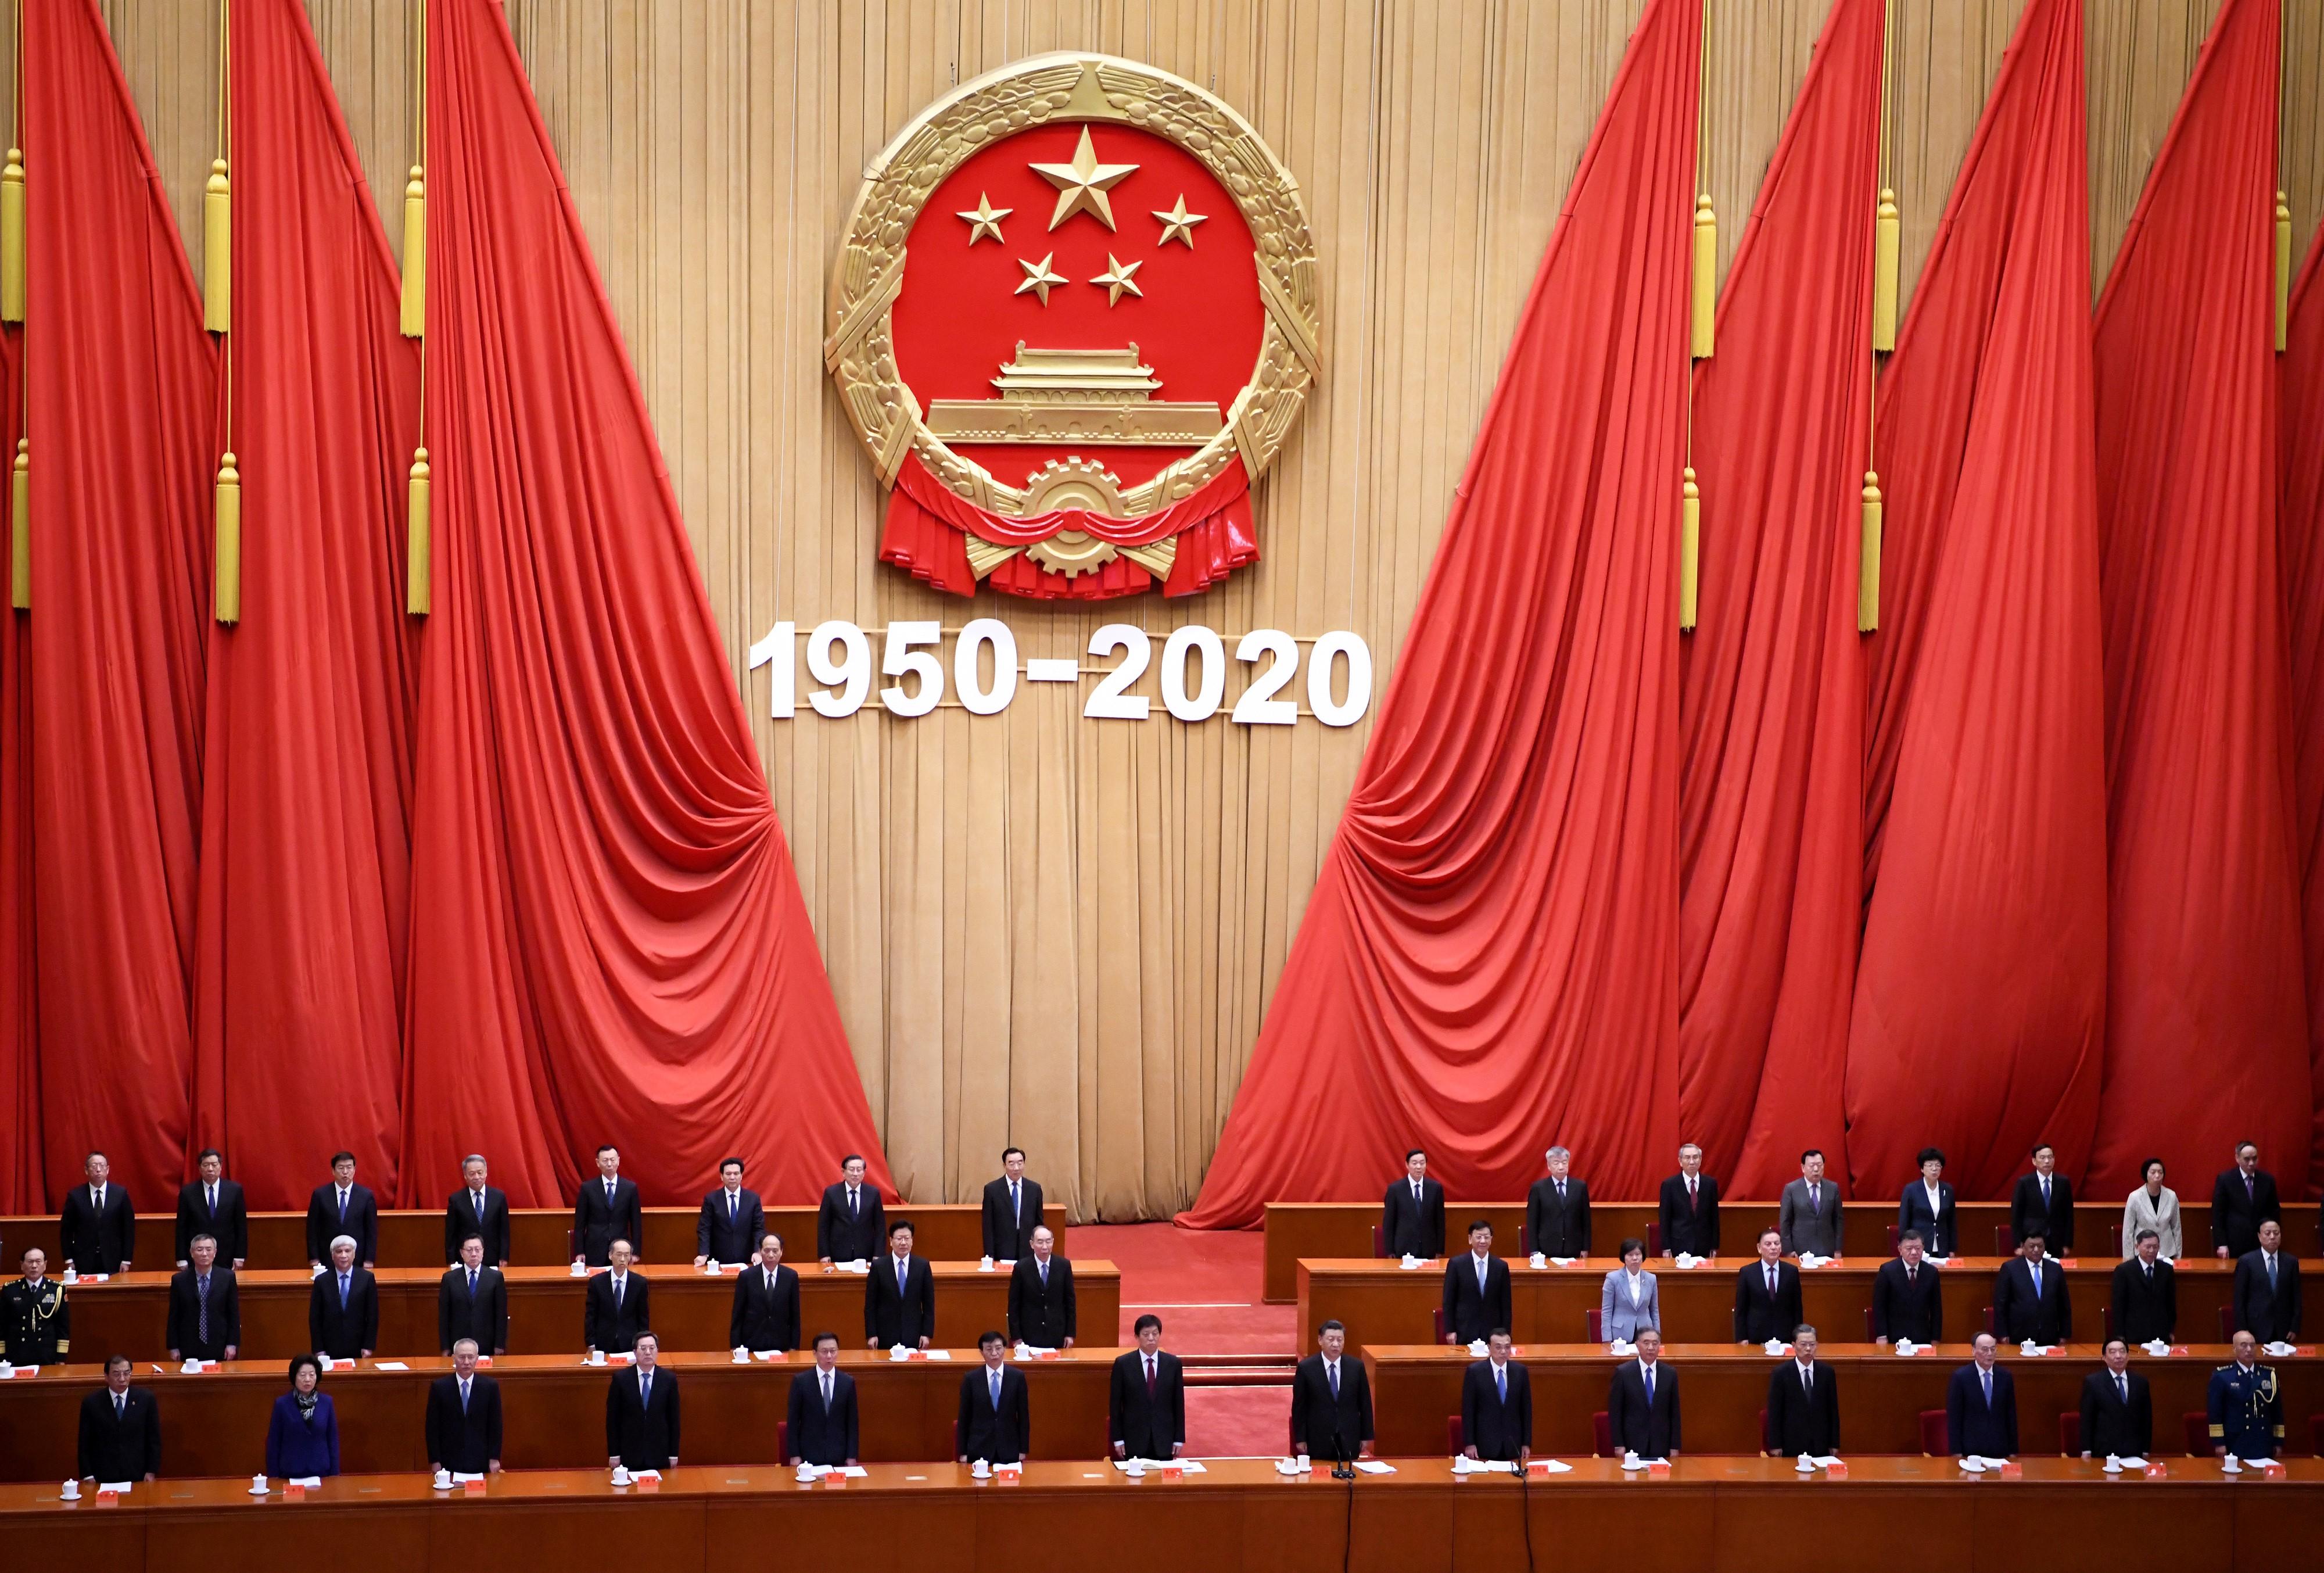 Hadseregfejlesztést és technológiai önállóságot ígér az új ötéves terv Kínában